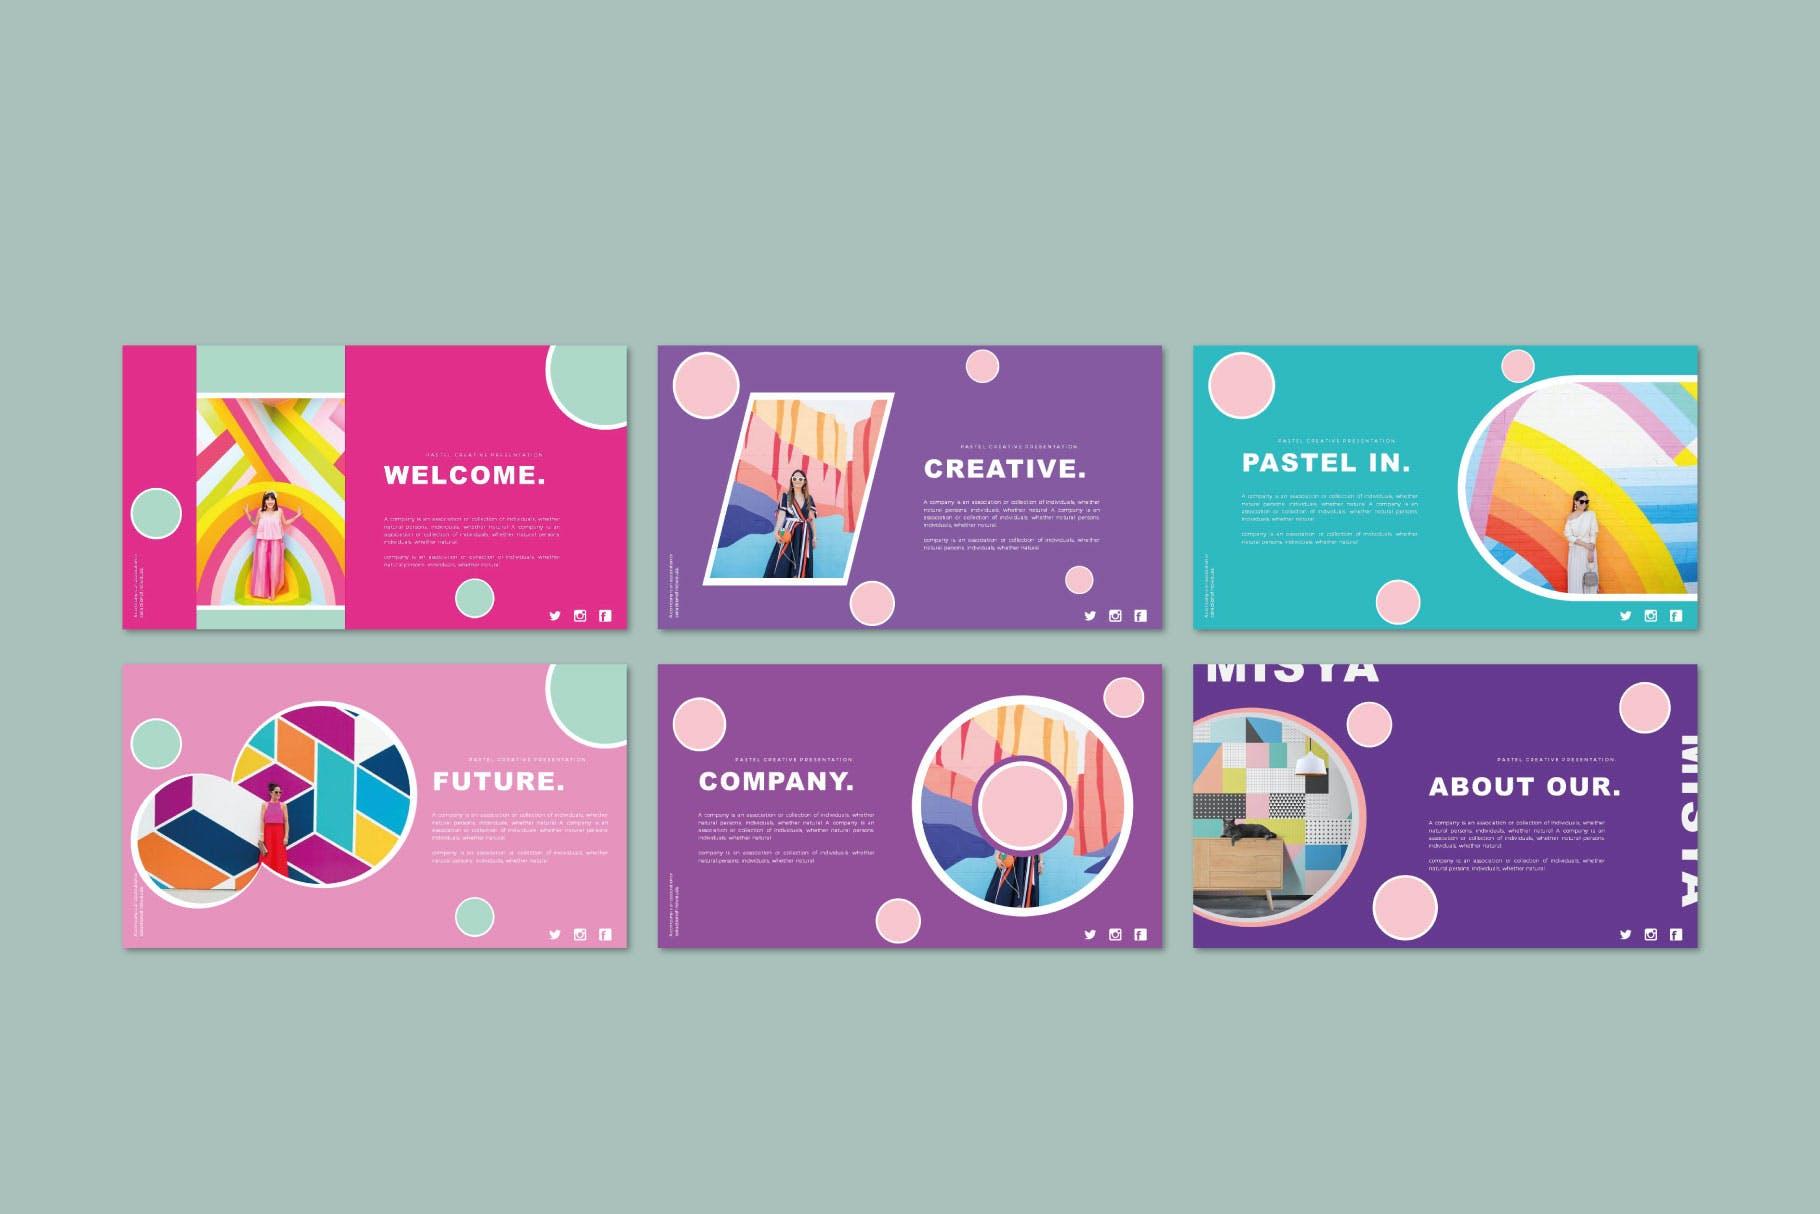 时尚极简产品营销演示文稿设计模板素材 Misya – Powerpoint Template插图3